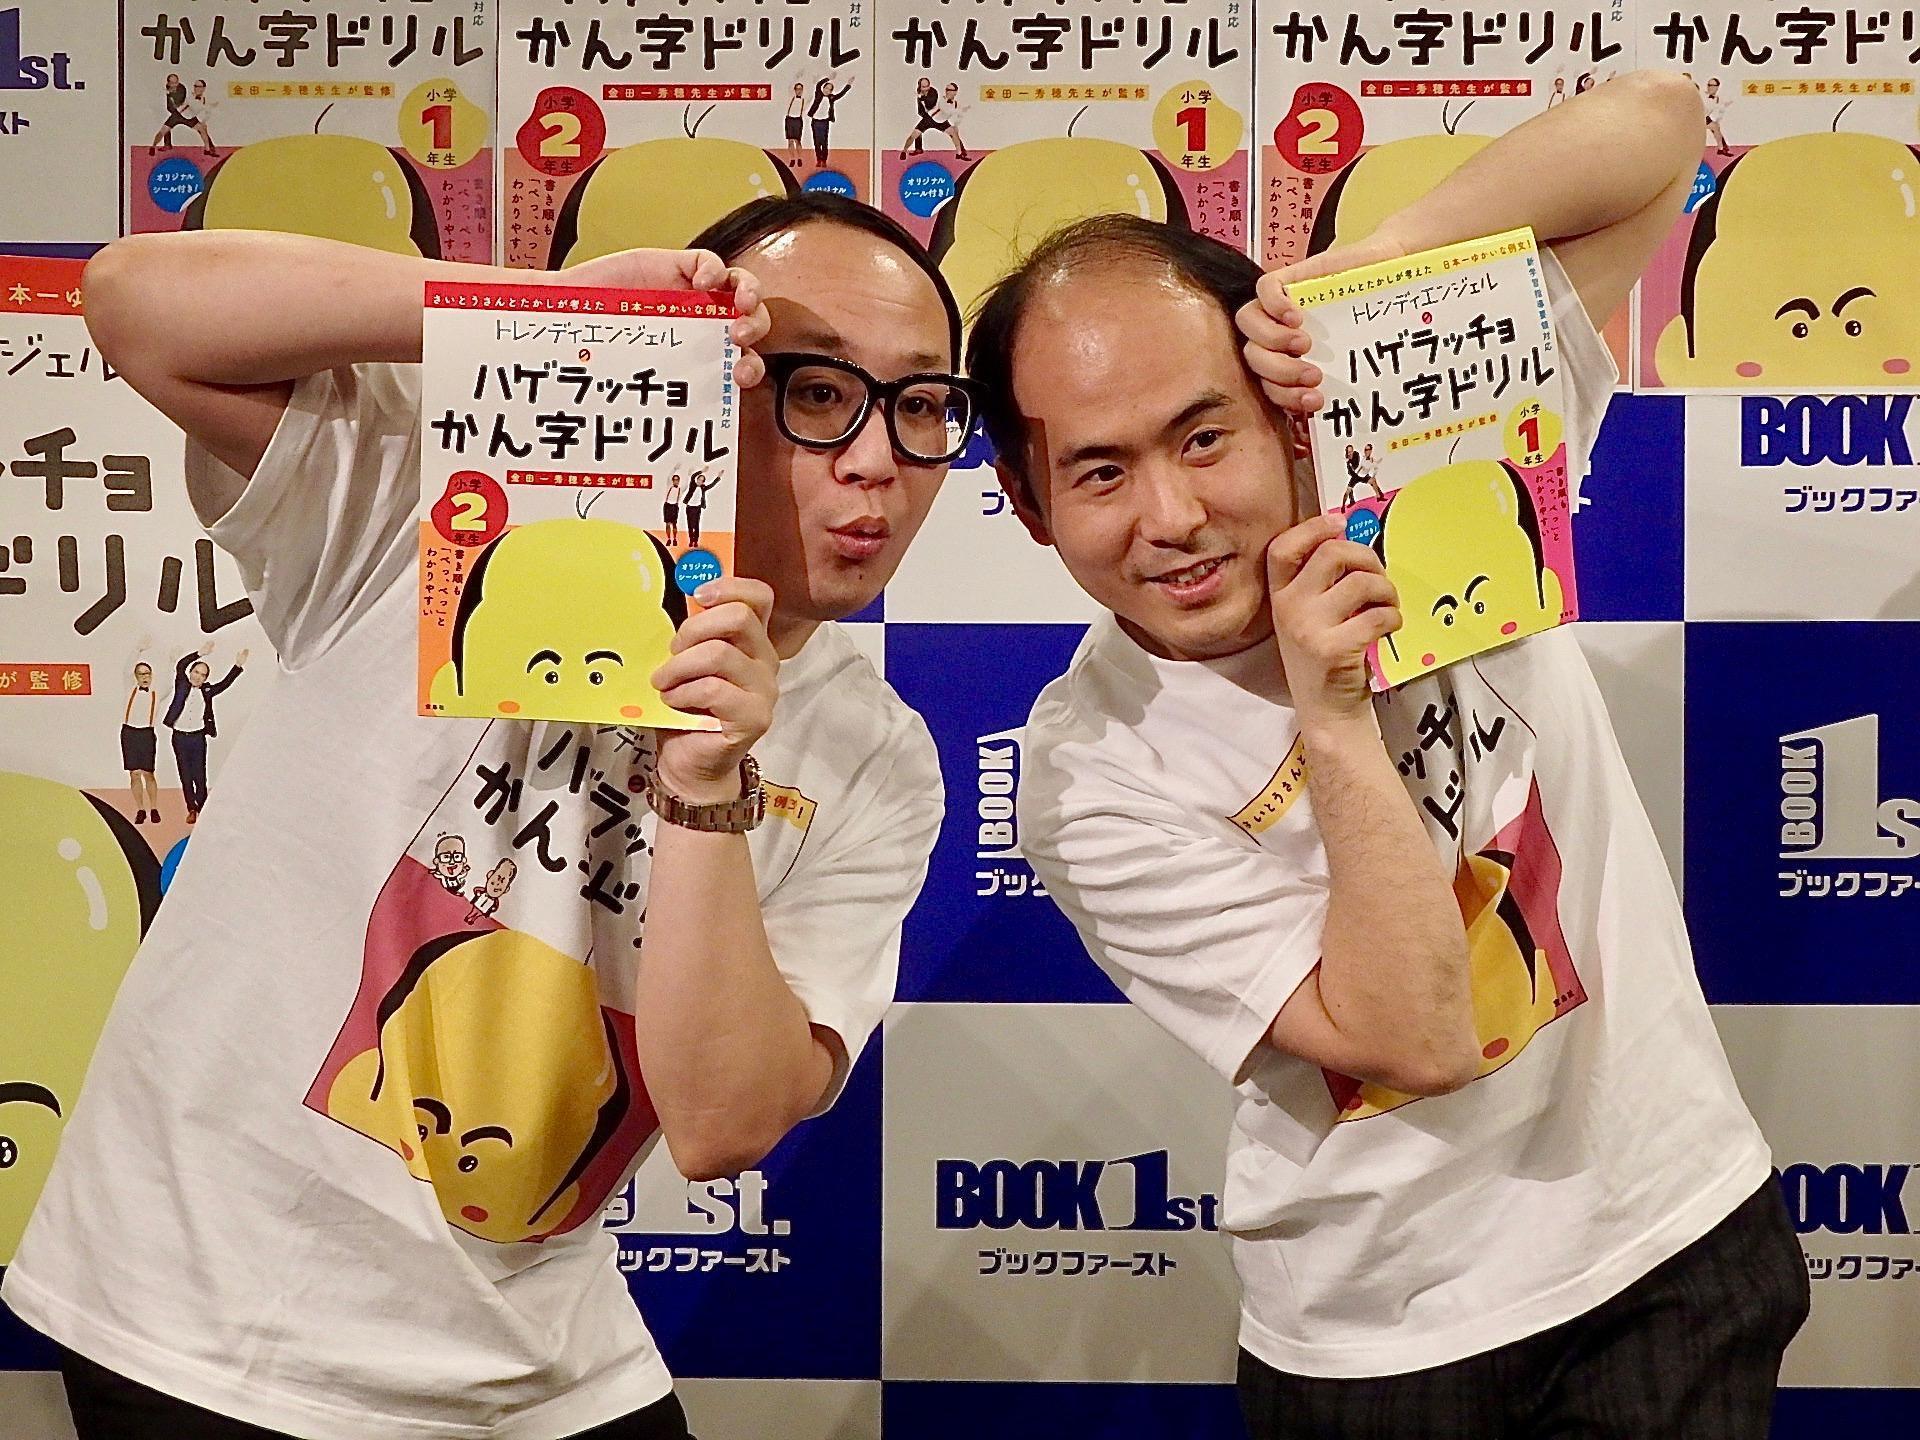 http://news.yoshimoto.co.jp/20180411235919-870d3c86abce840f0cc0750c9402440f8c3f453b.jpg